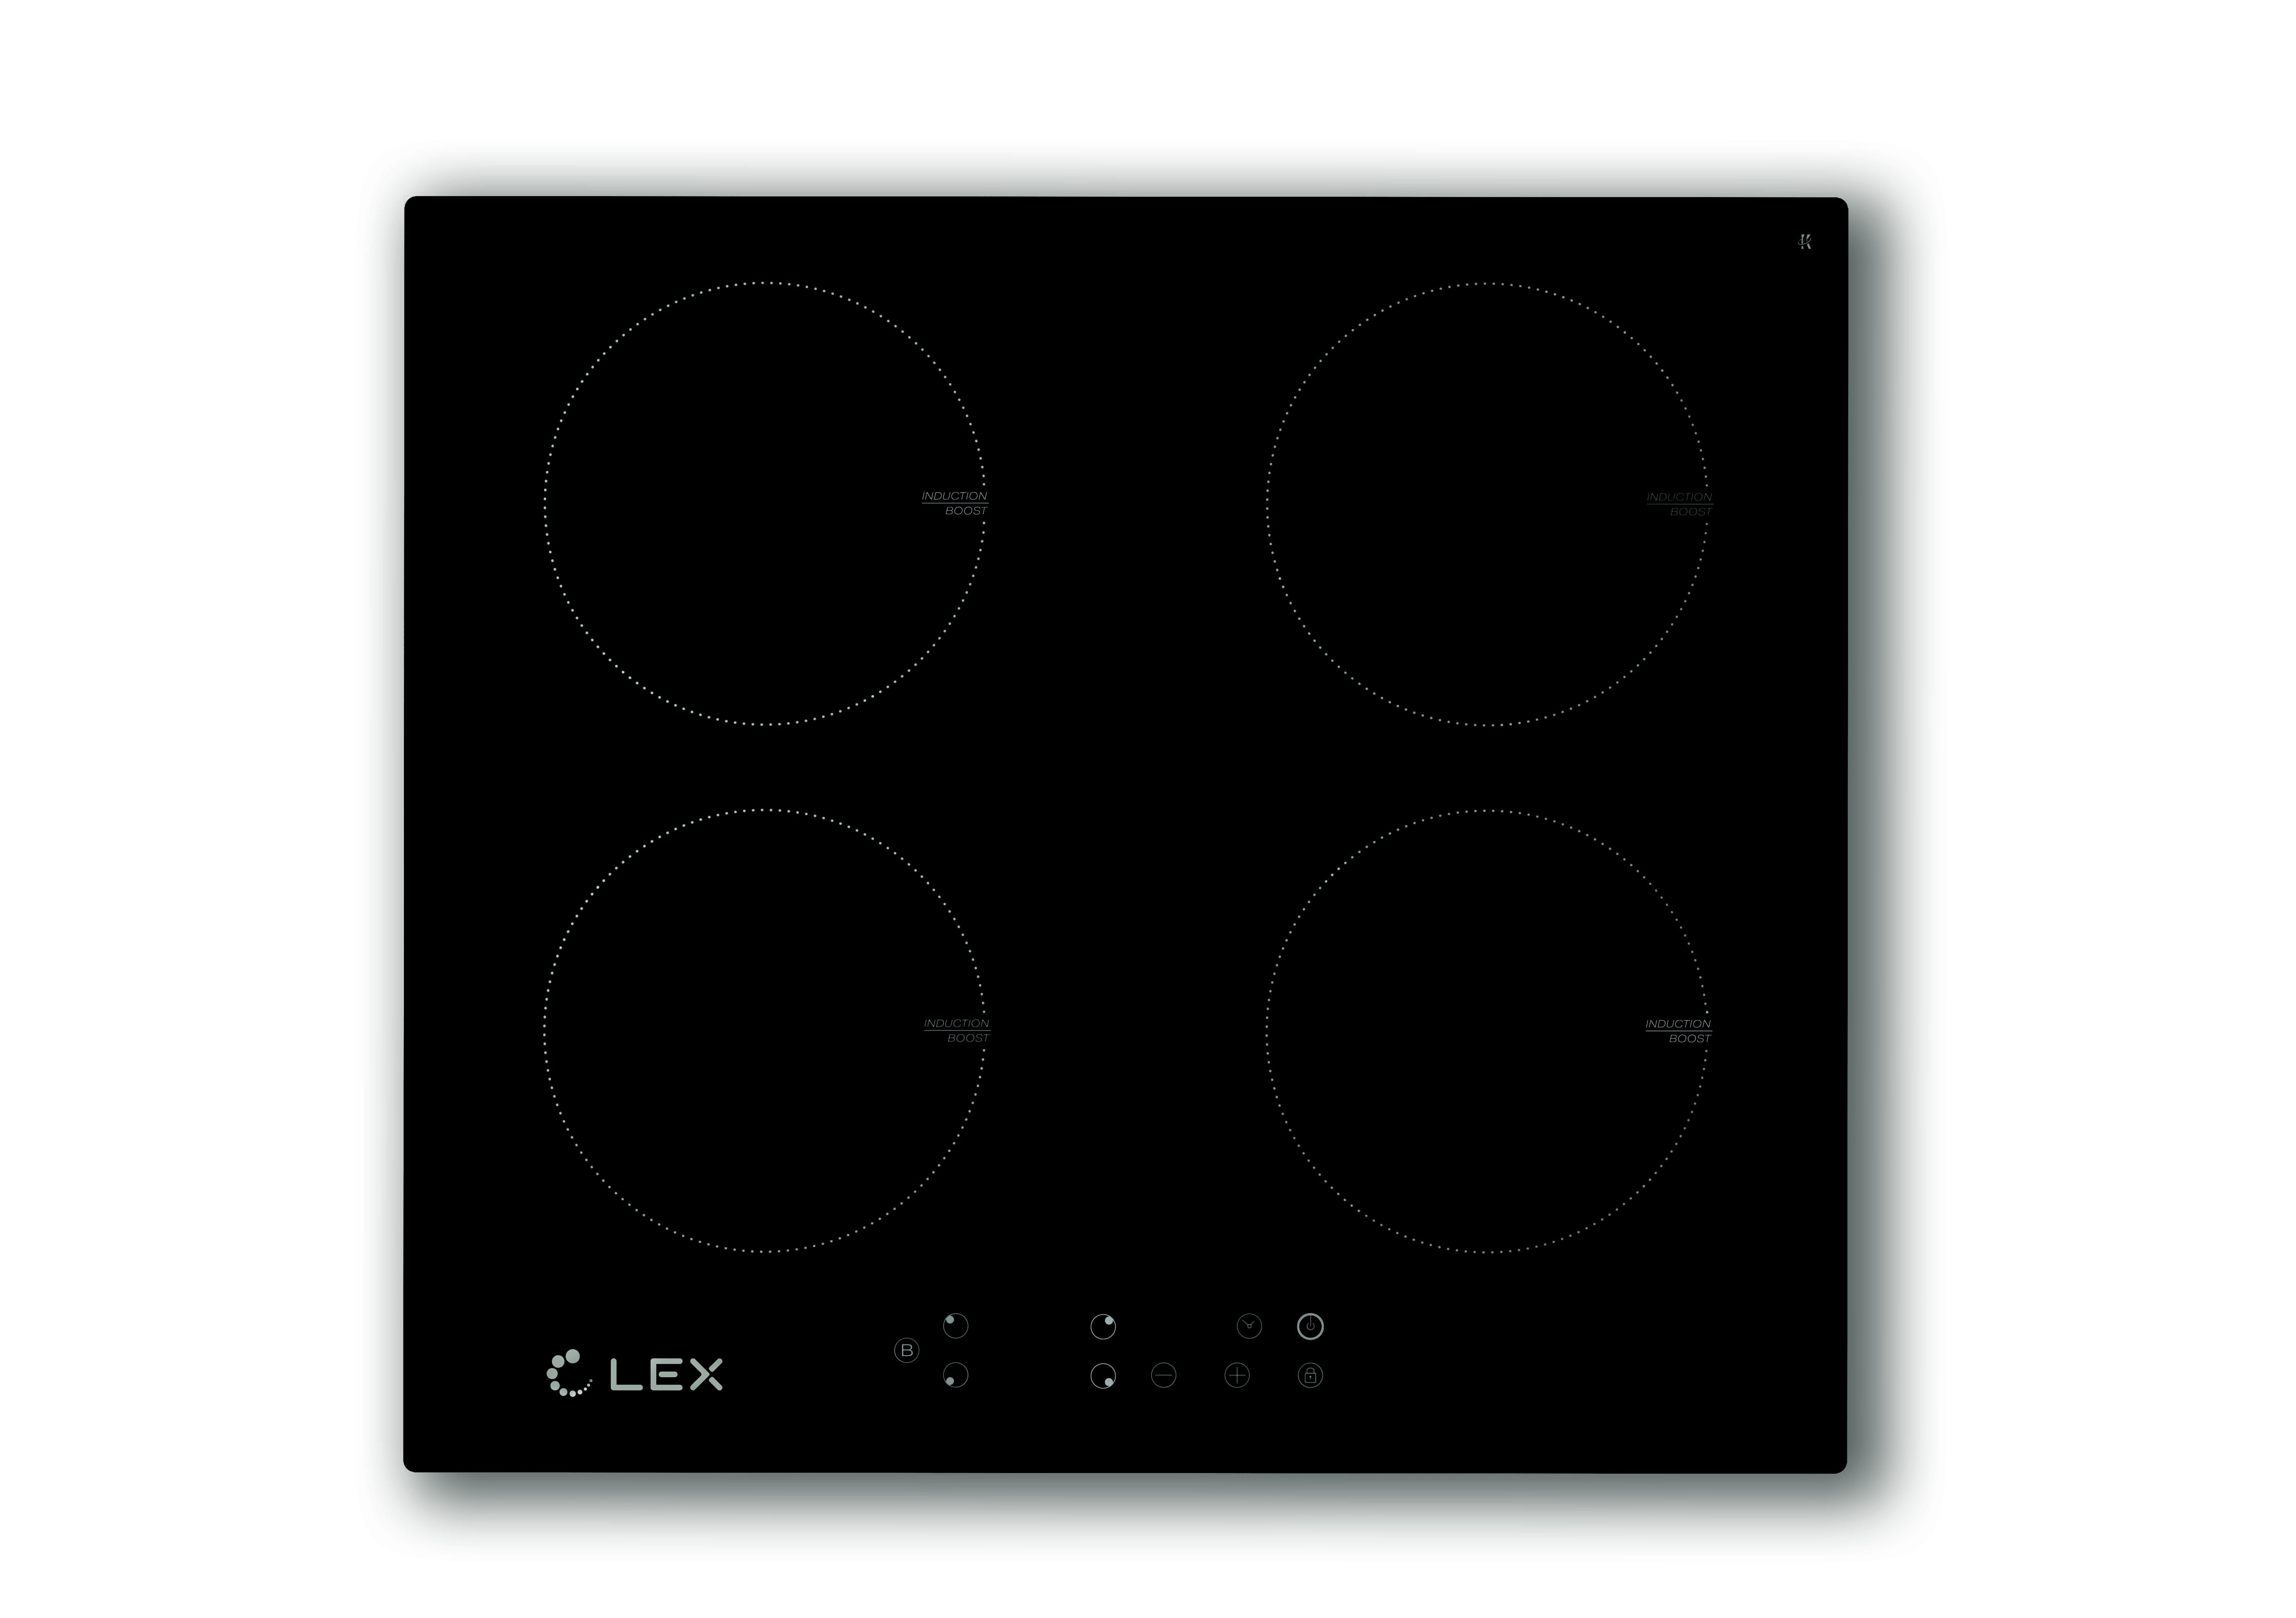 Встраиваемая индукционная варочная панель Lex Evi 640 bl